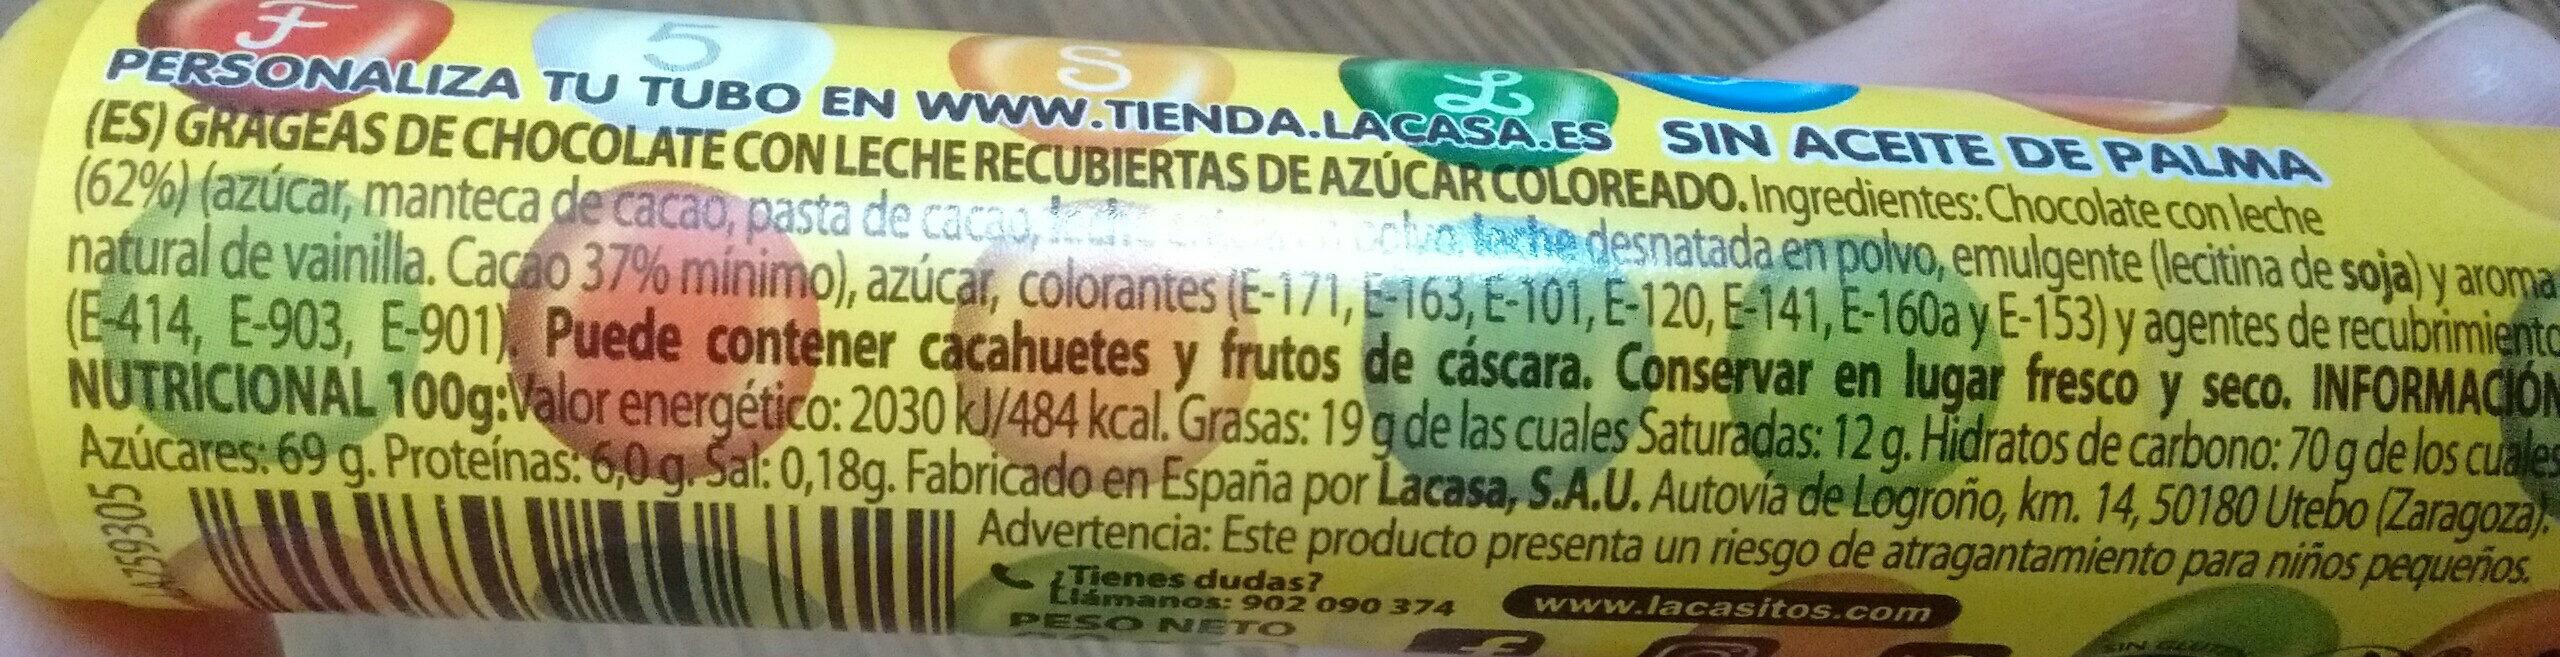 Lacasitos Tuber - Información nutricional - es